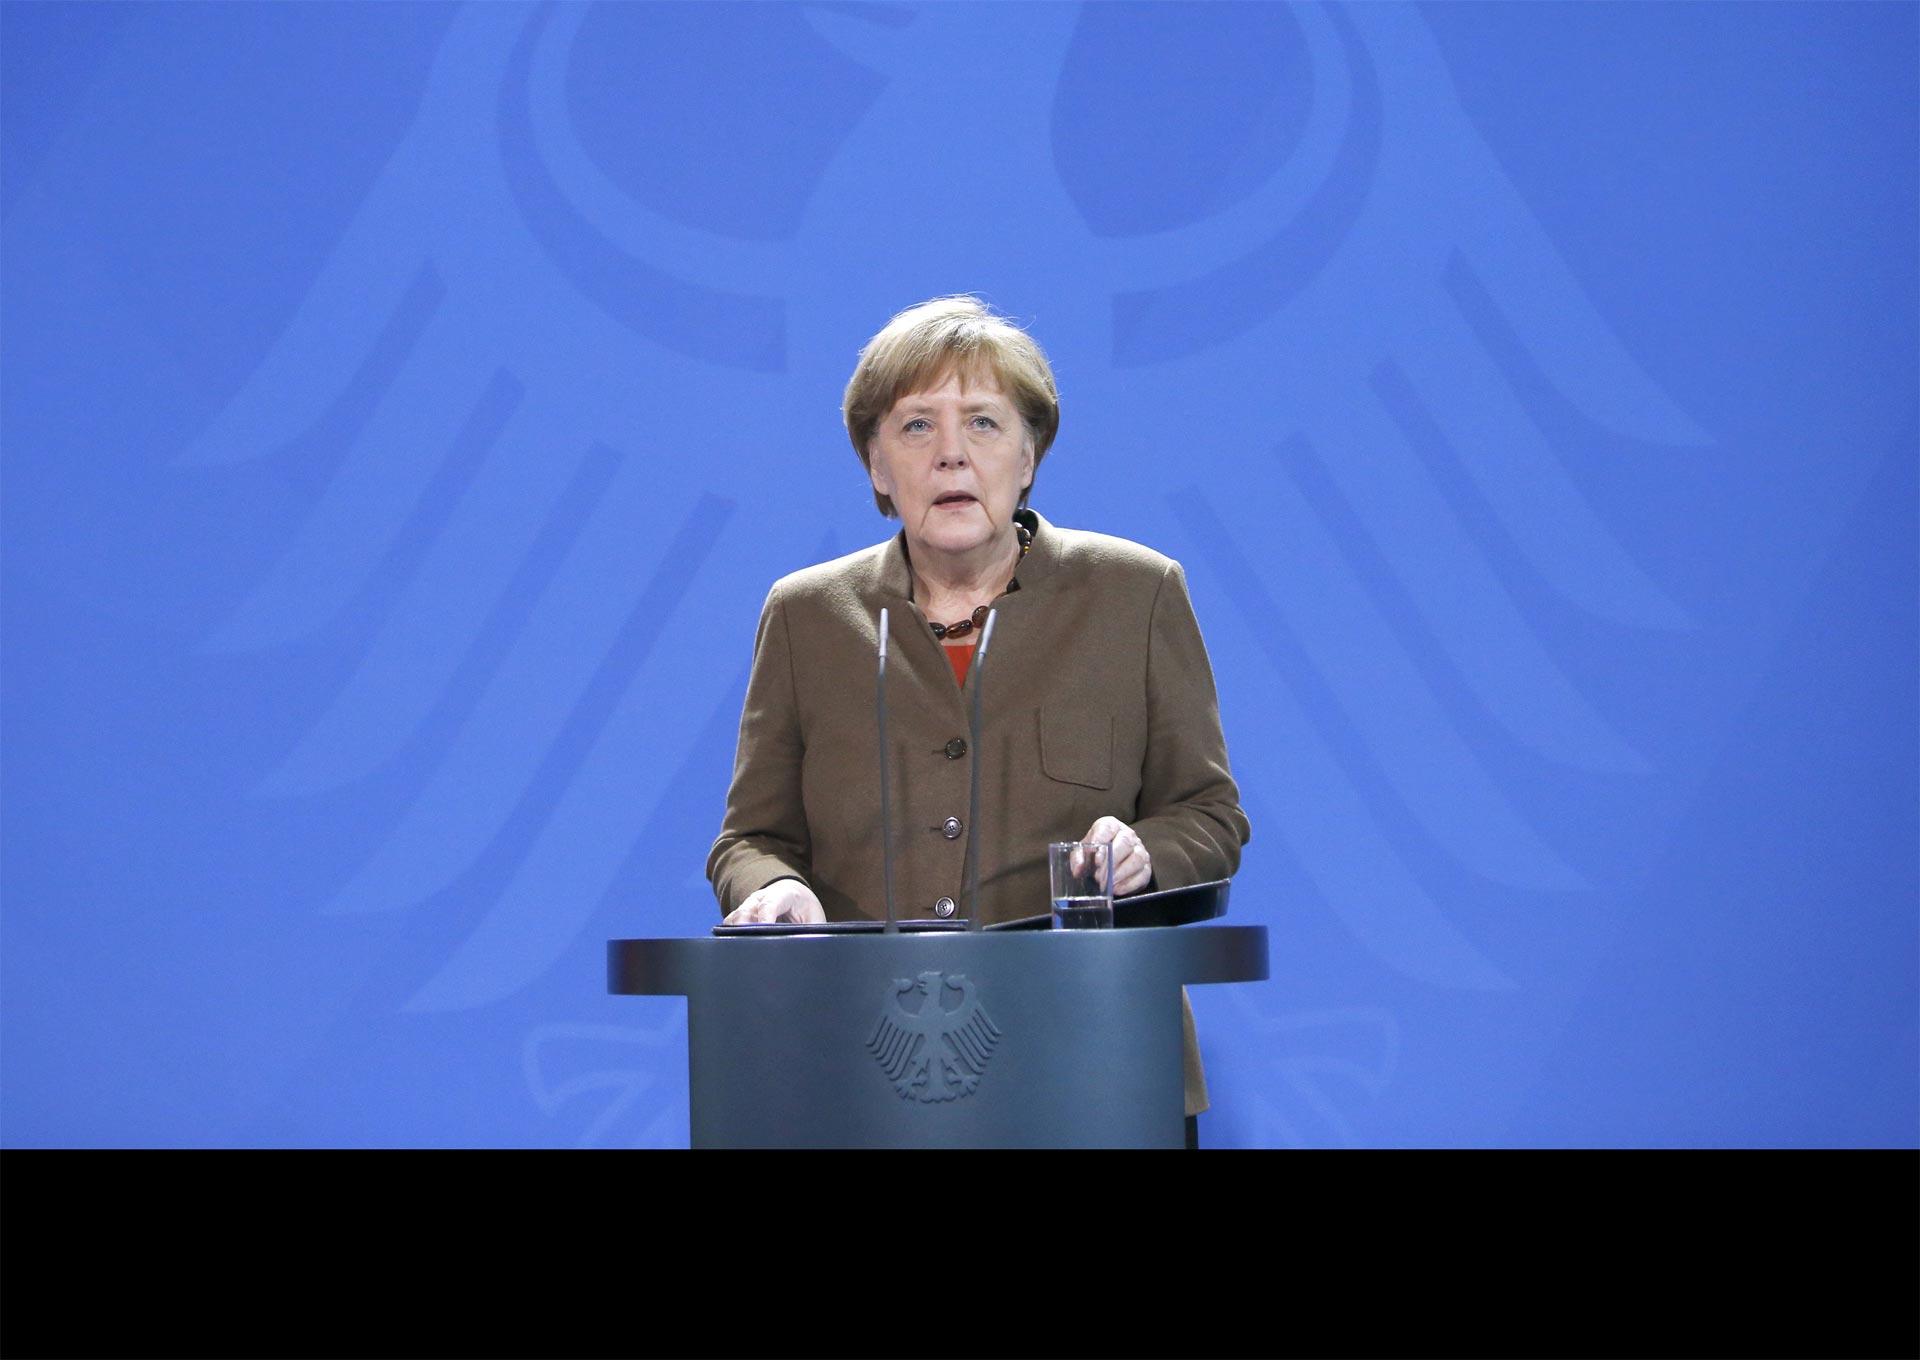 Merkel condenó los atentados en Bruselas y dijo que colaborará con los organismos de seguridad